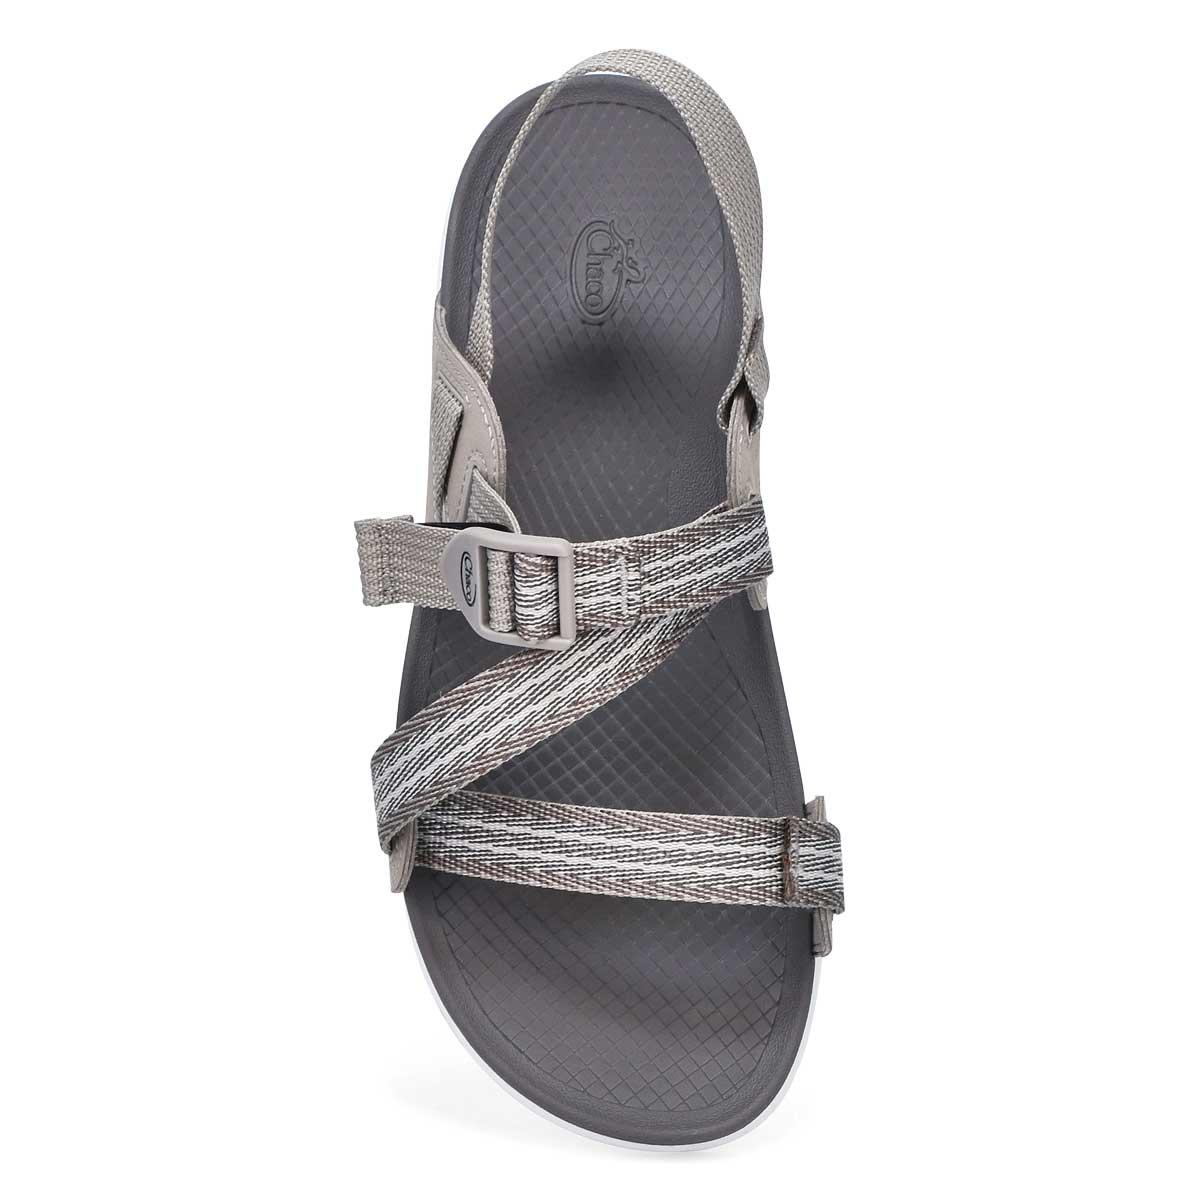 Women's Lowdown Sport Sandal - Pully Grey